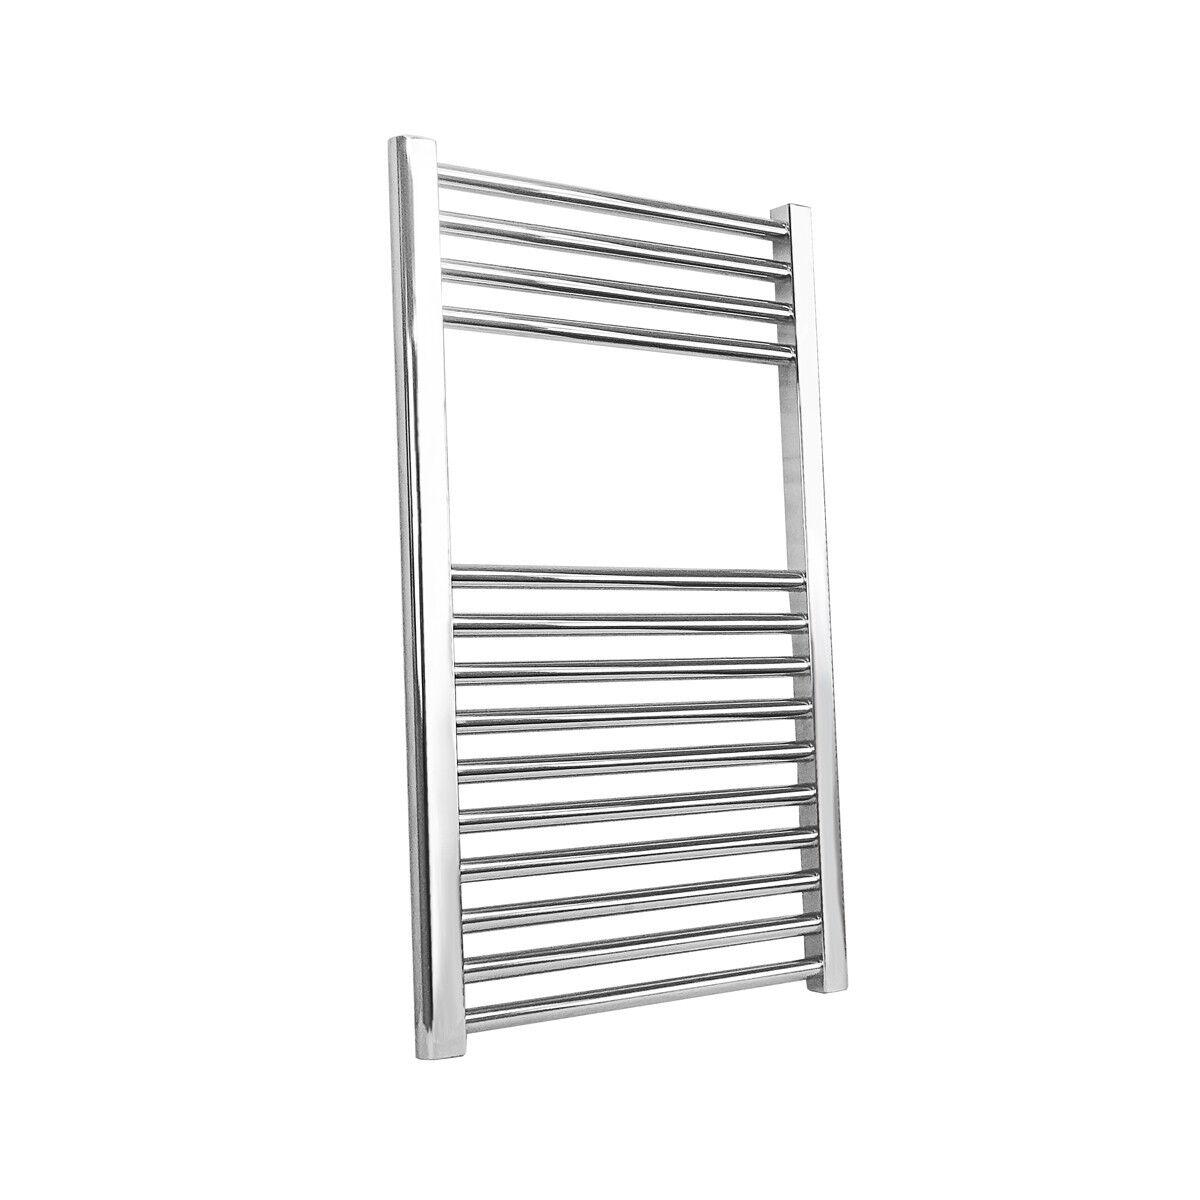 Bathroom Heated Towel Rail Radiator Chrome Straight Ladder ...